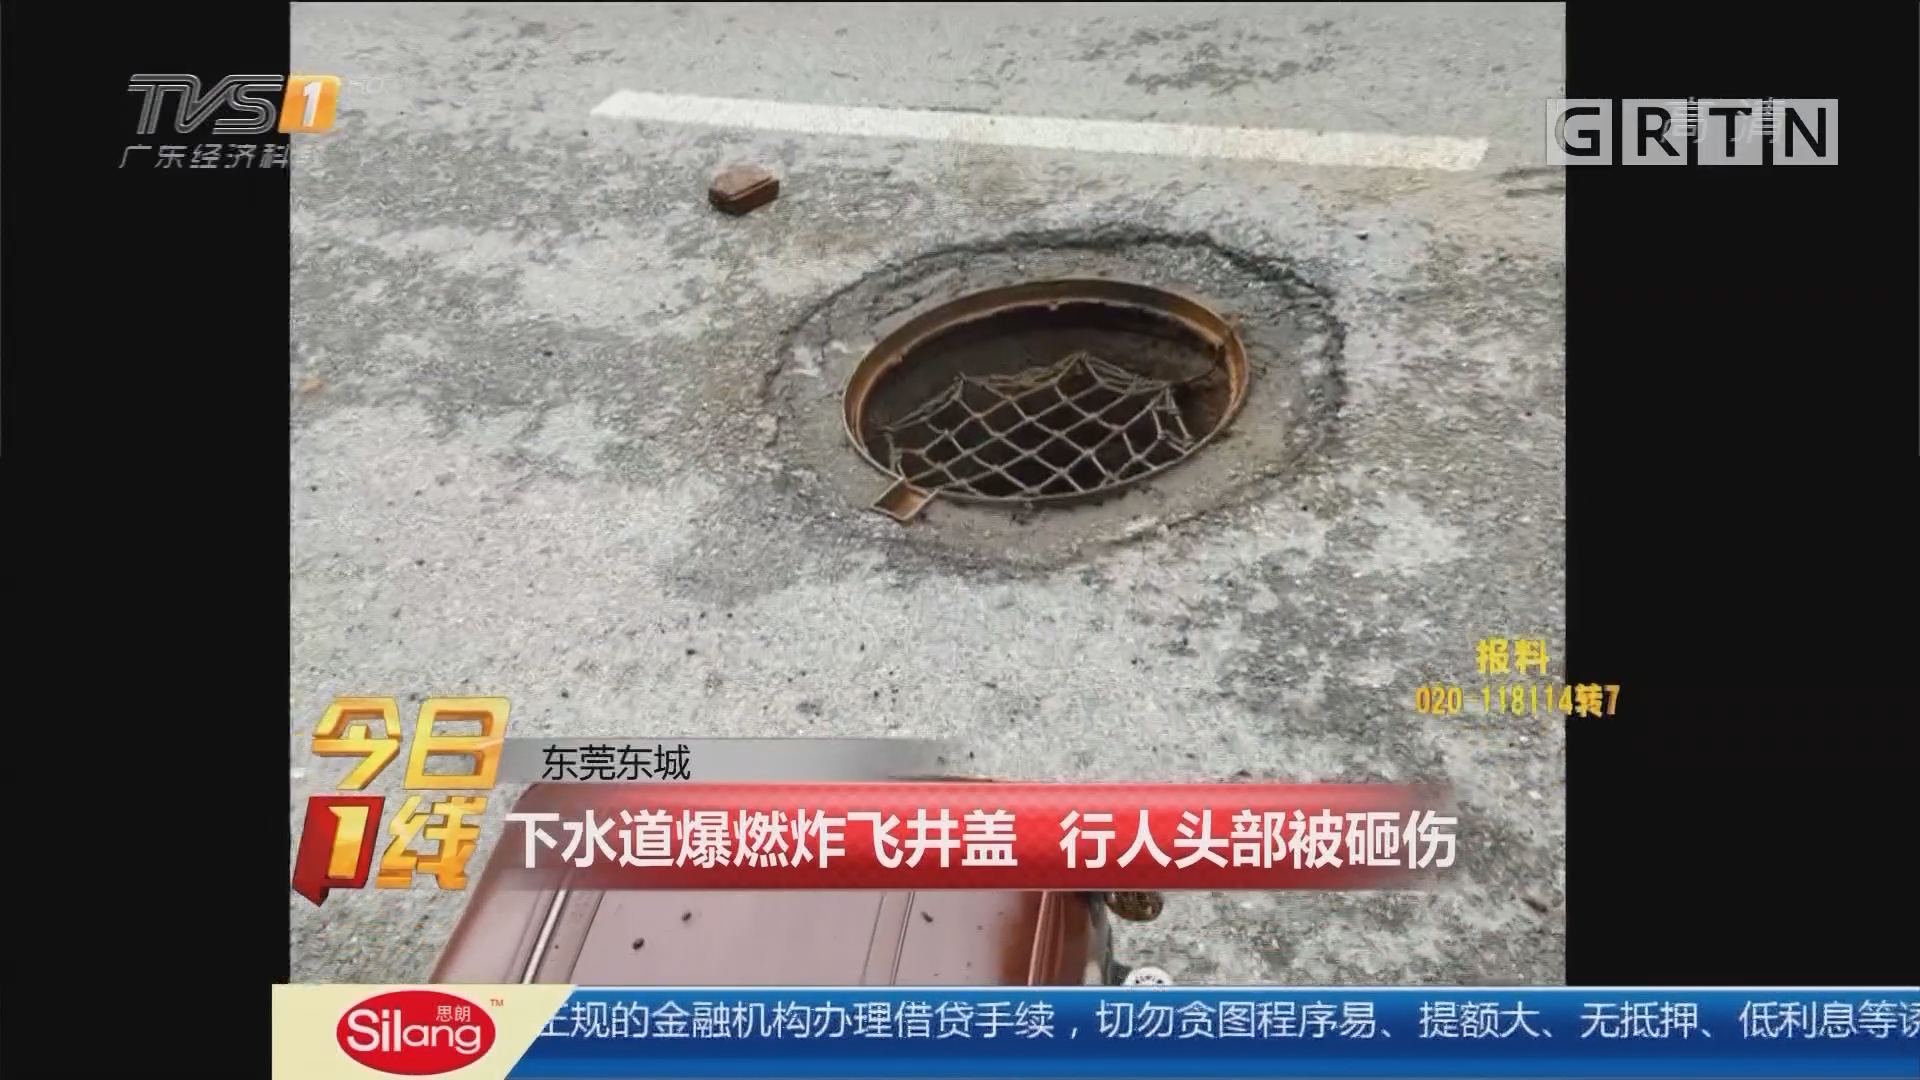 东莞东城:下水道爆燃炸飞井盖 行人头部被砸伤